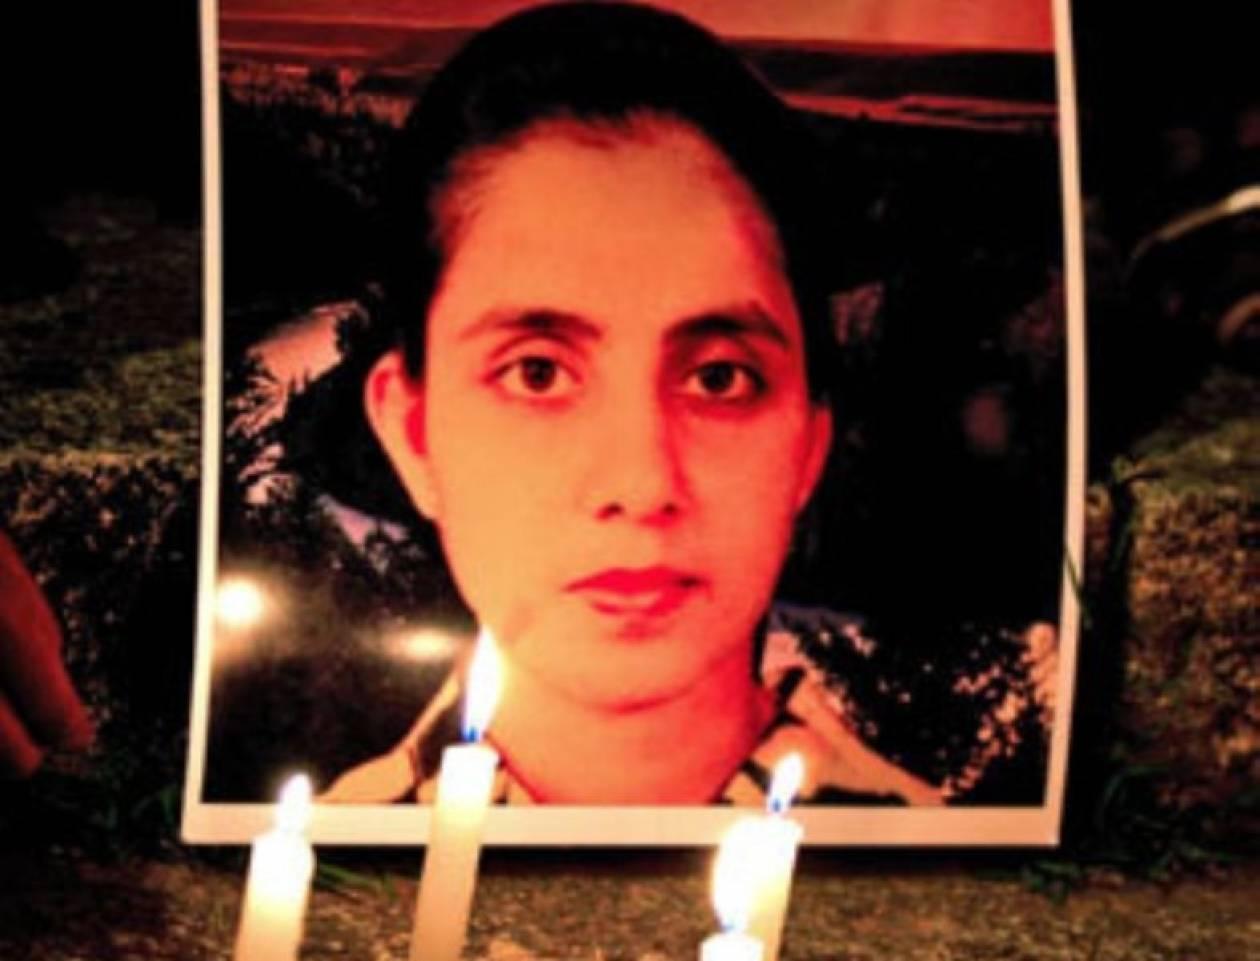 Την ευθύνη της αυτοκτονίας της έριξε στους δύο παρουσιαστές